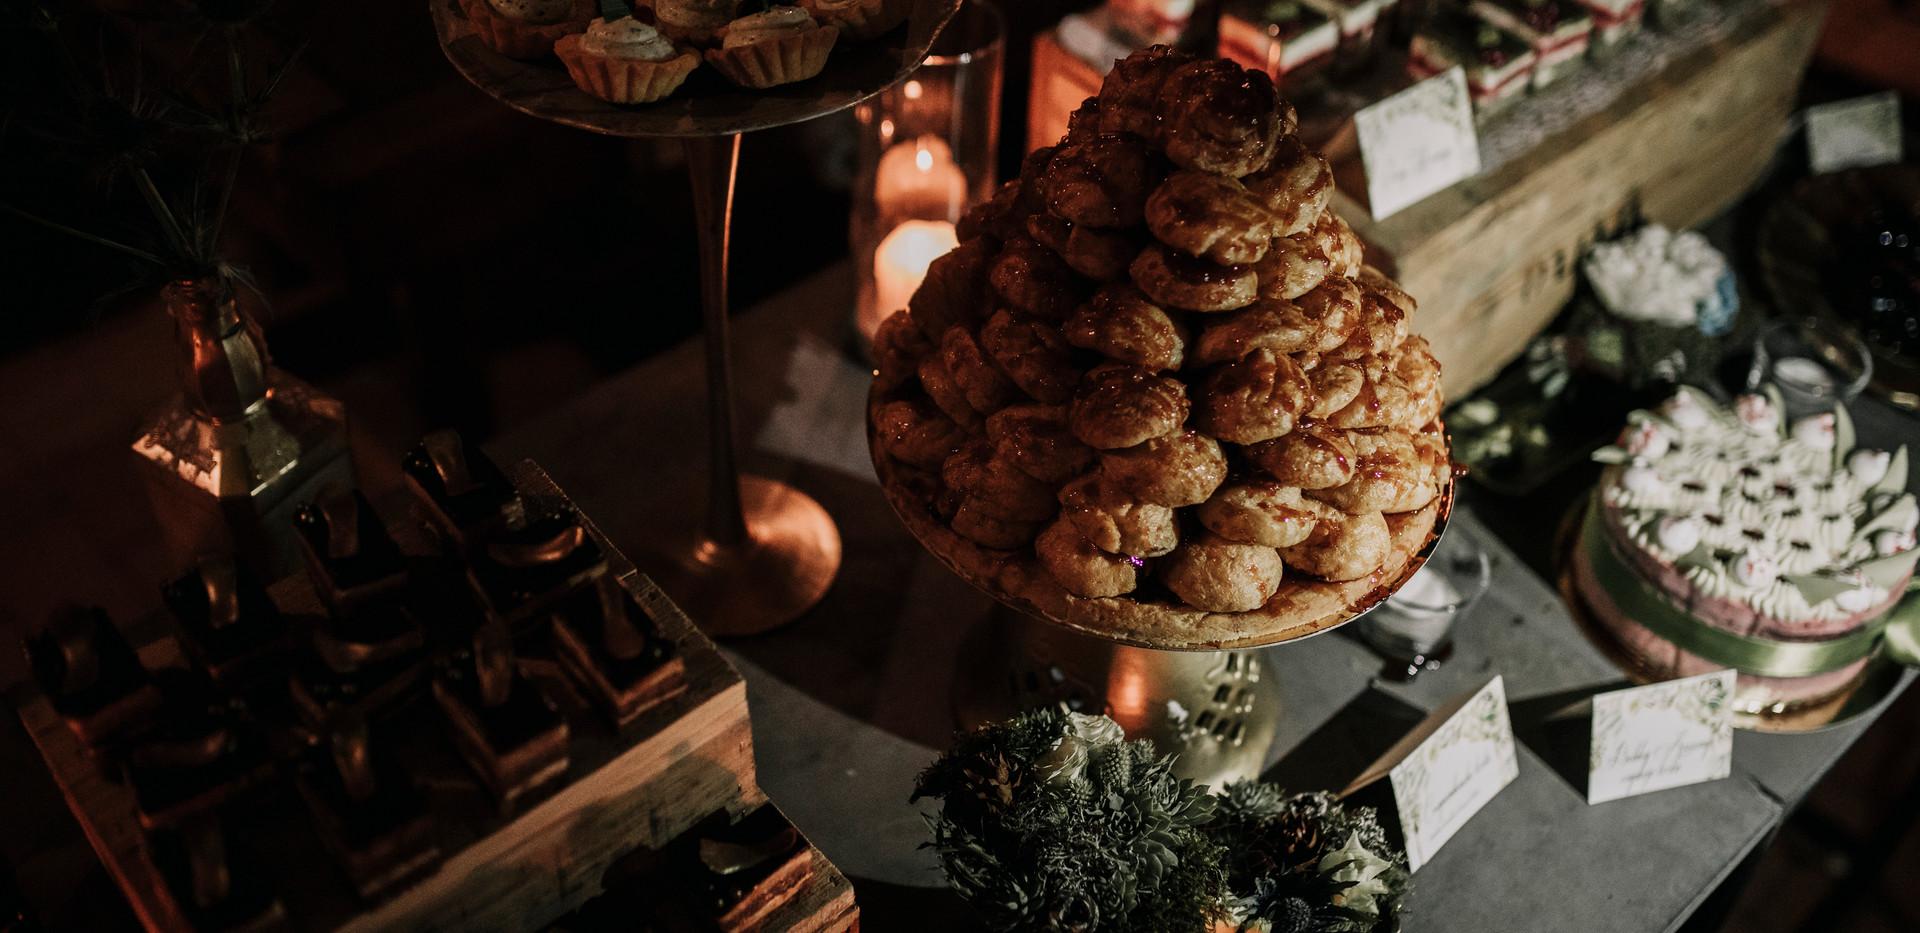 Croqembous torta a desszertsziget éke!